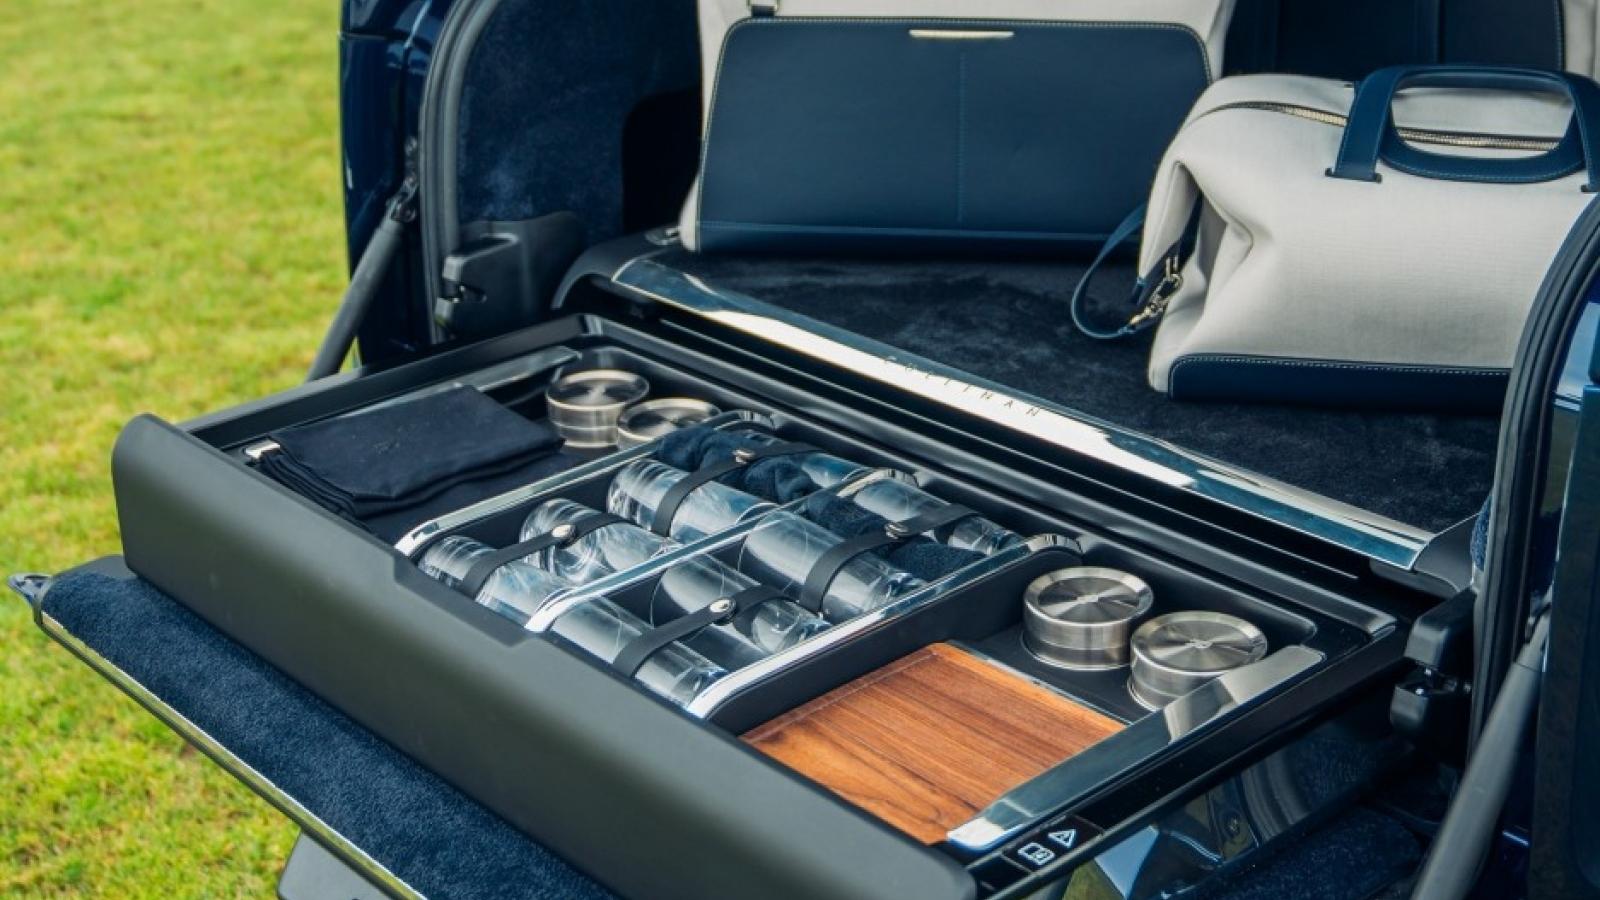 """SUV siêu sang Rolls-Royce Cullinan thêm tùy chọn """"sang chảnh"""" cho người thích dã ngoại"""